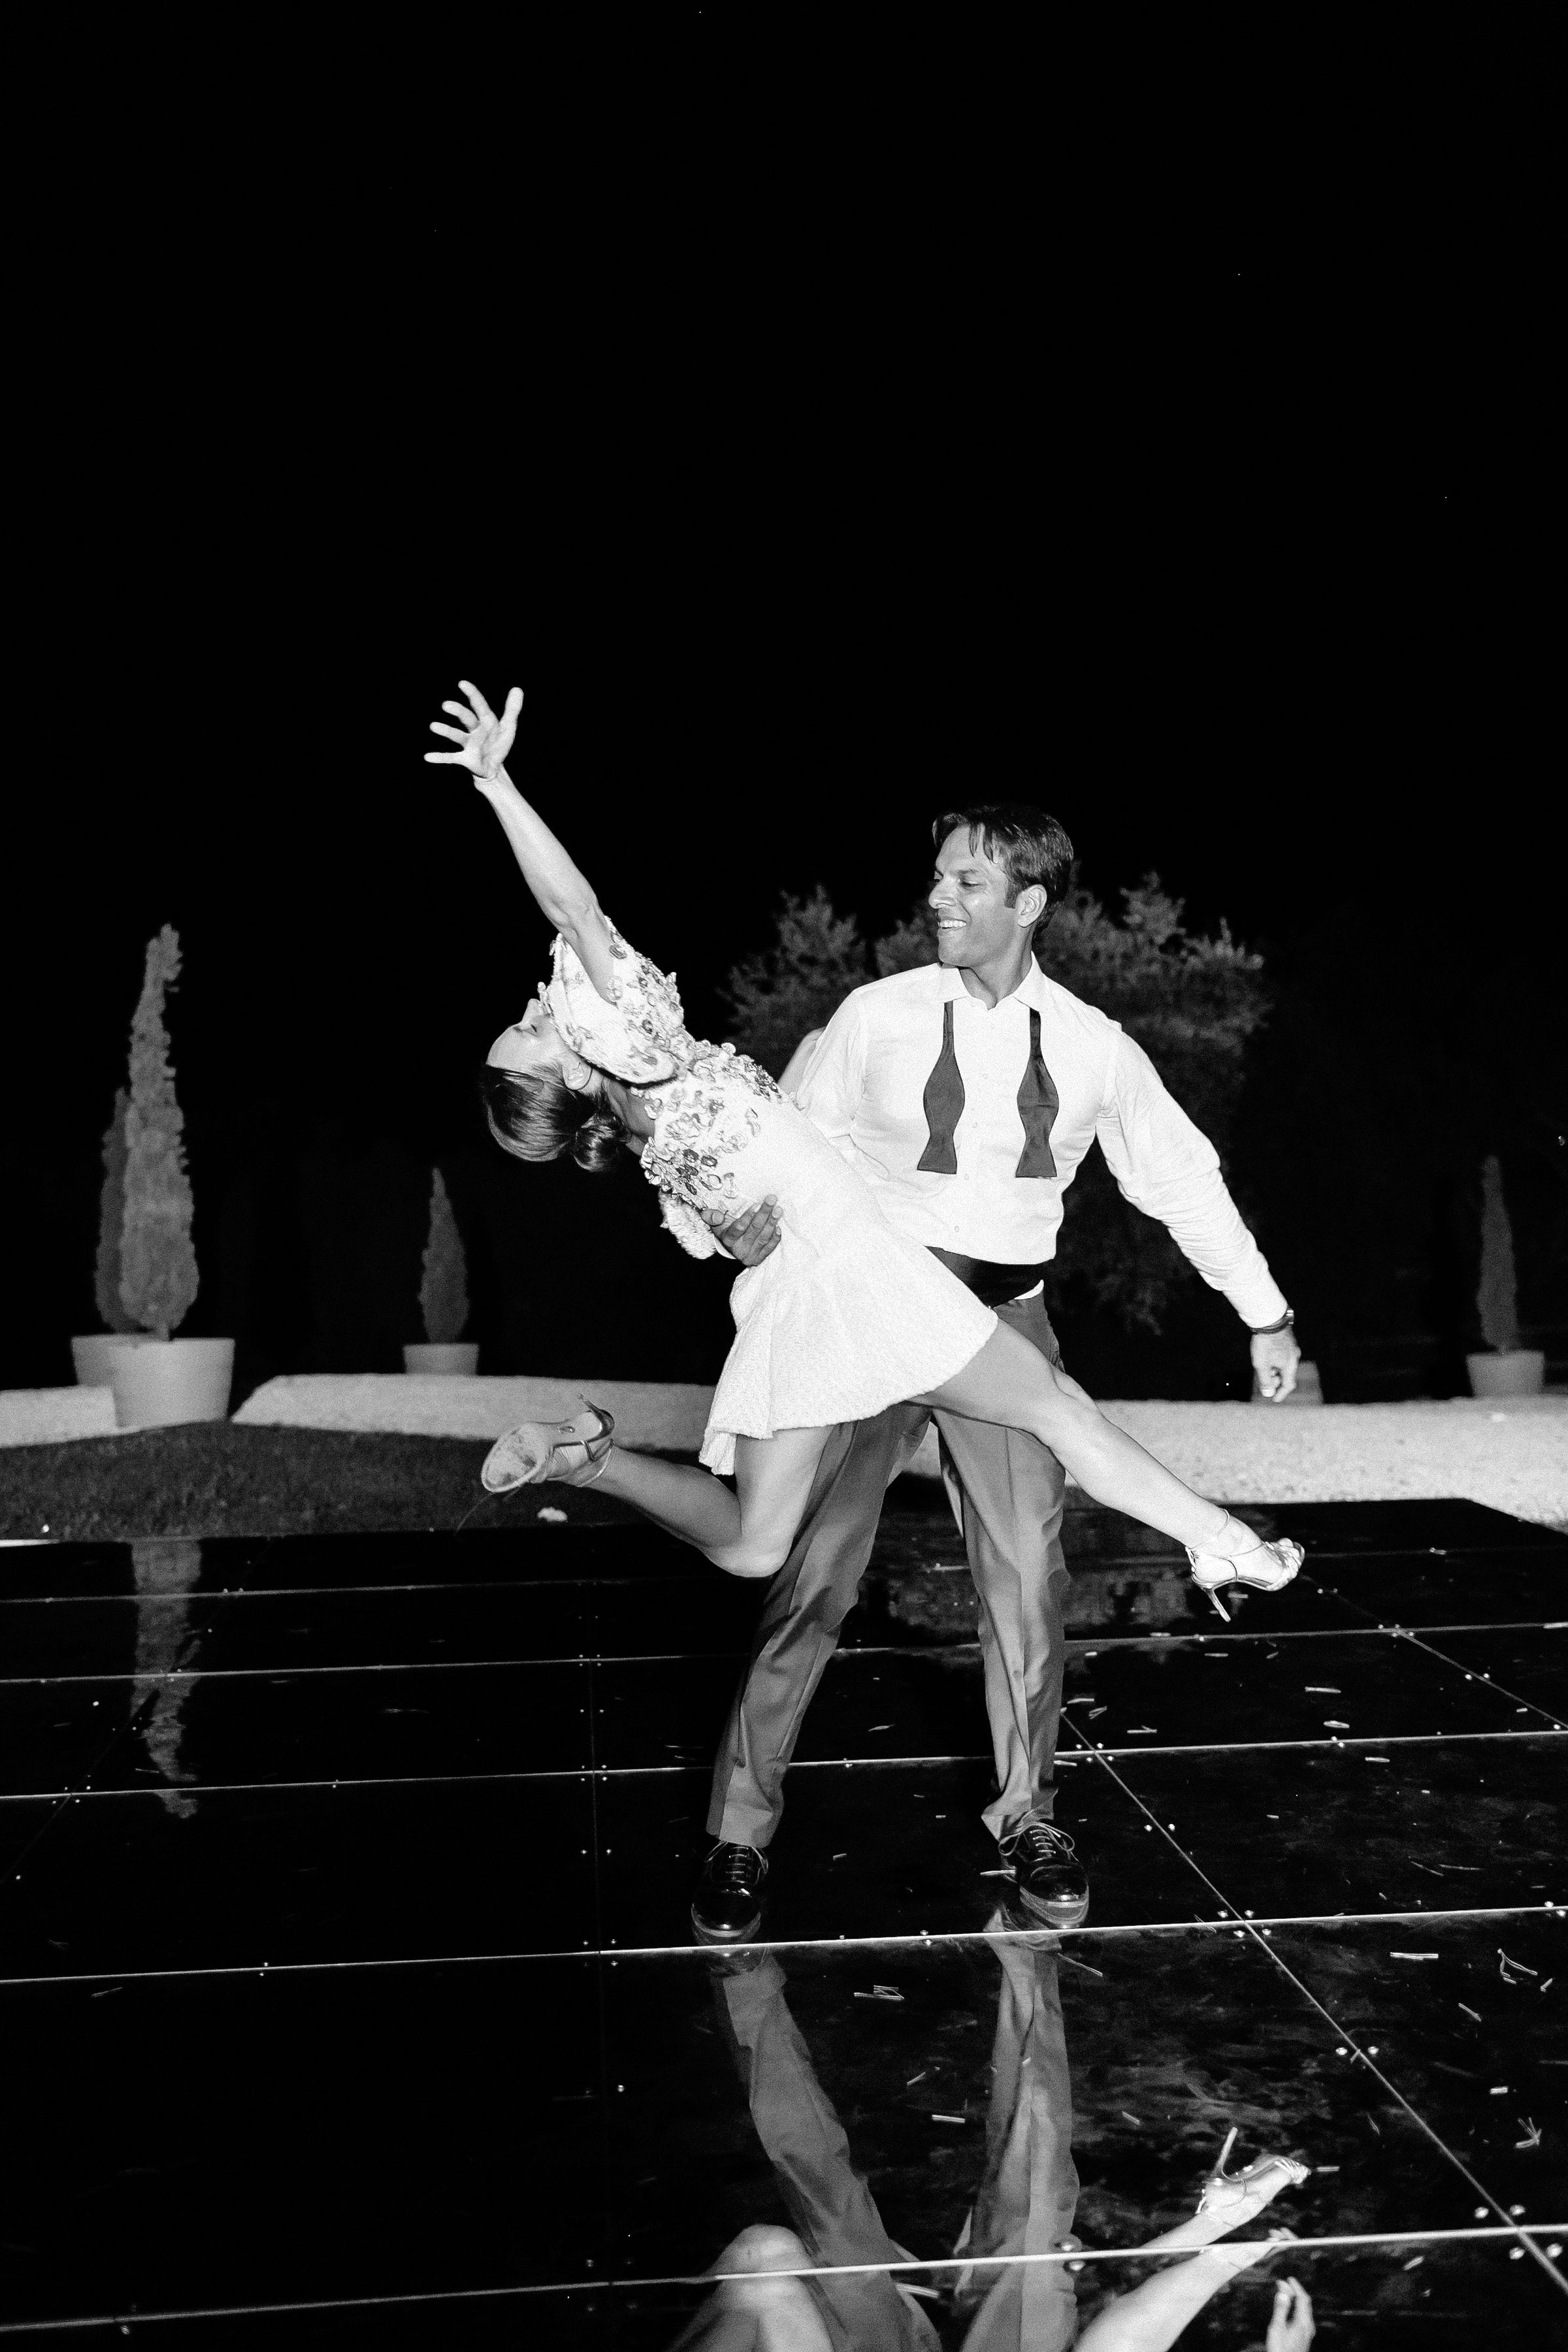 kseniya sadhir wedding couple dancing in black and white